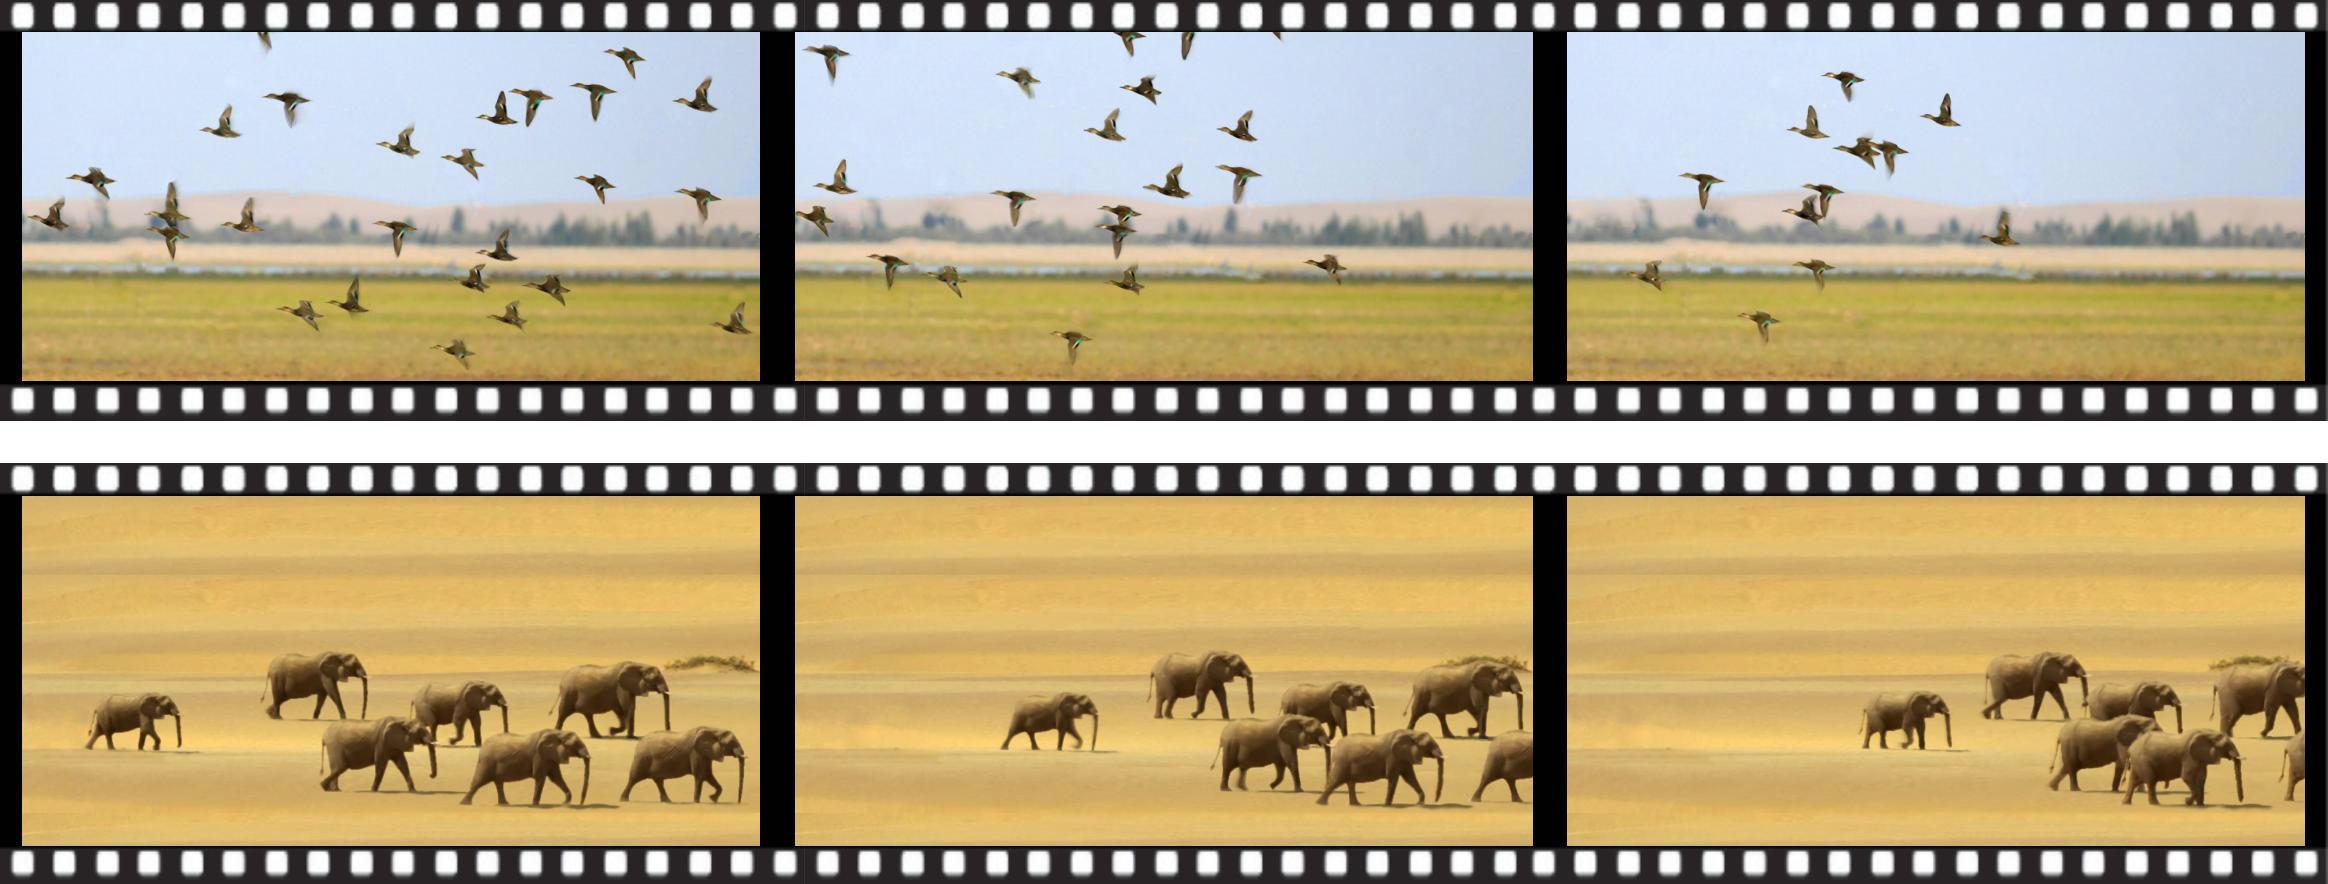 憑單一照片製作出的動畫 (片段可於網頁http://www.cse.cuhk.edu.hk/~ttwong/papers/flock/flock.html下載)